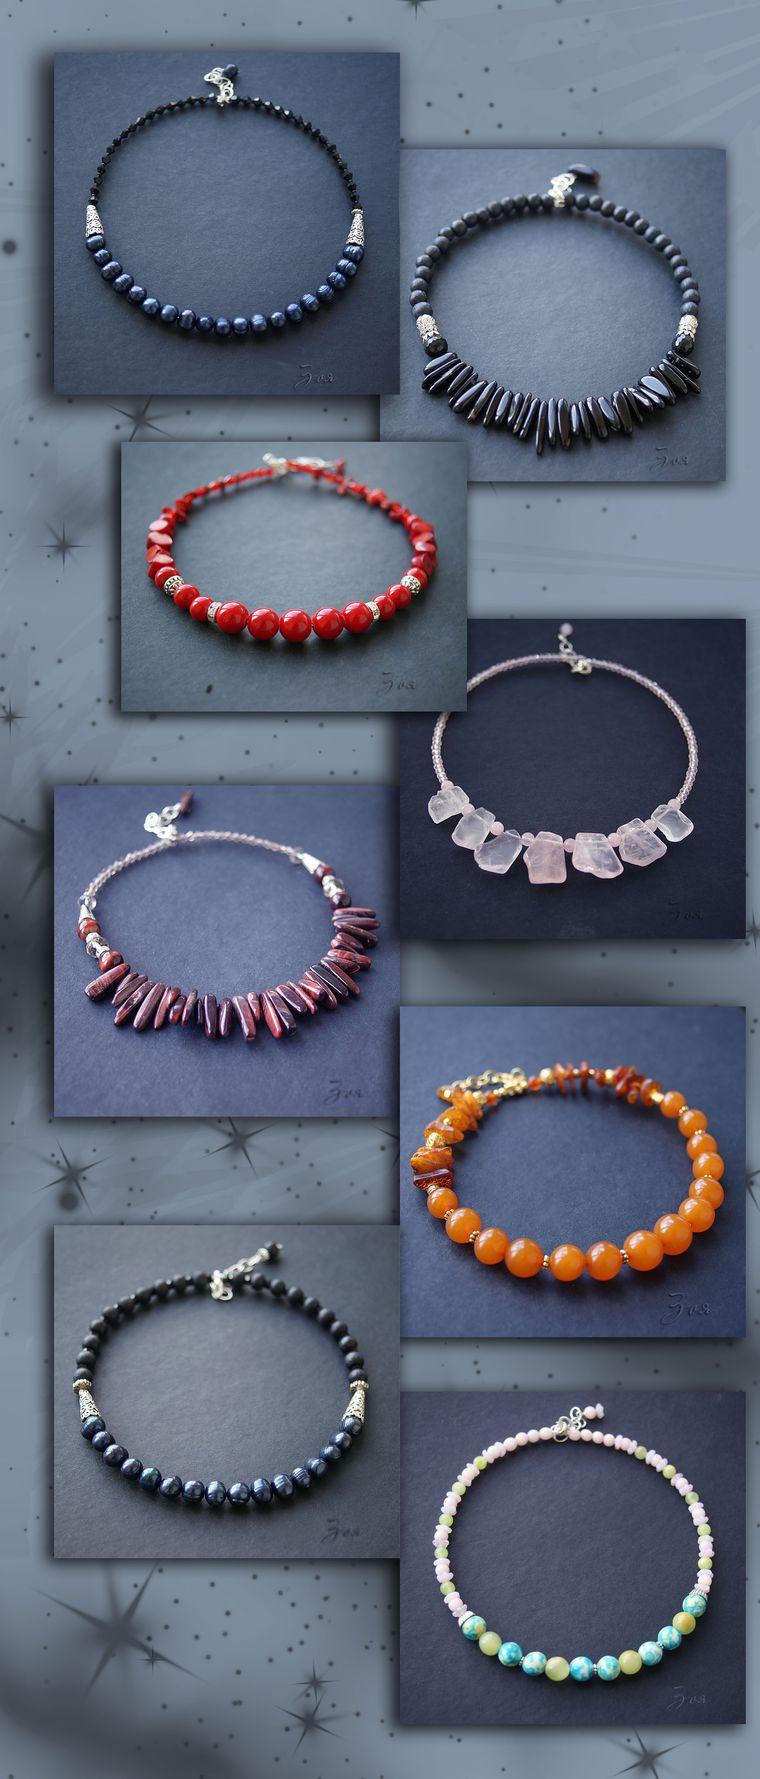 минимализм, коллекция минимализм, коллекция украшений, стильные украшения, чокер, ожерелья, чокер-ожерелье, романтичный подарок, стильное ожерелье, женский чокер, стильный чокер, стильный подарок